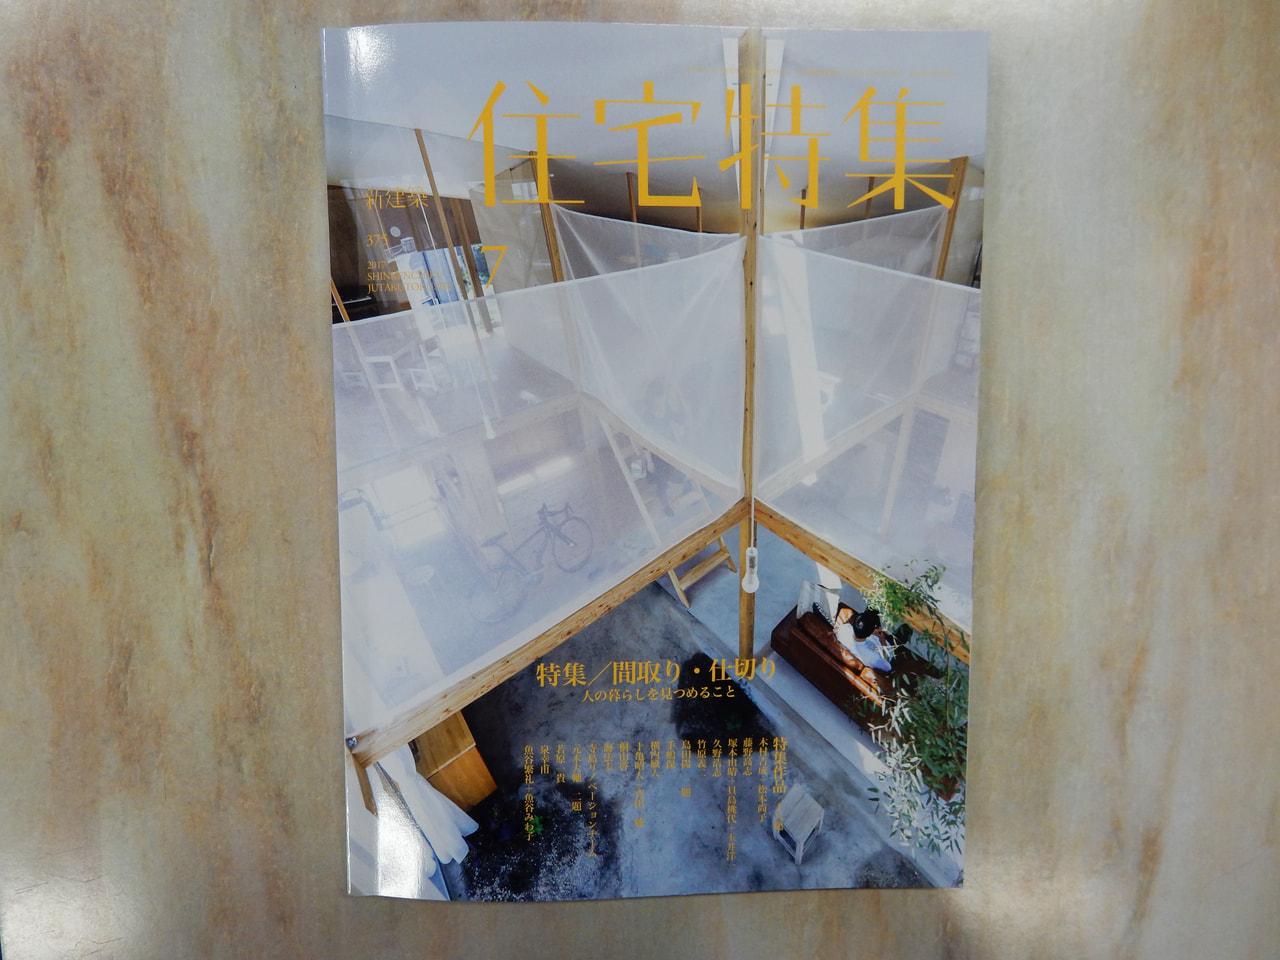 竹原先生の記事の記事が住宅特集2017年7月号に掲載